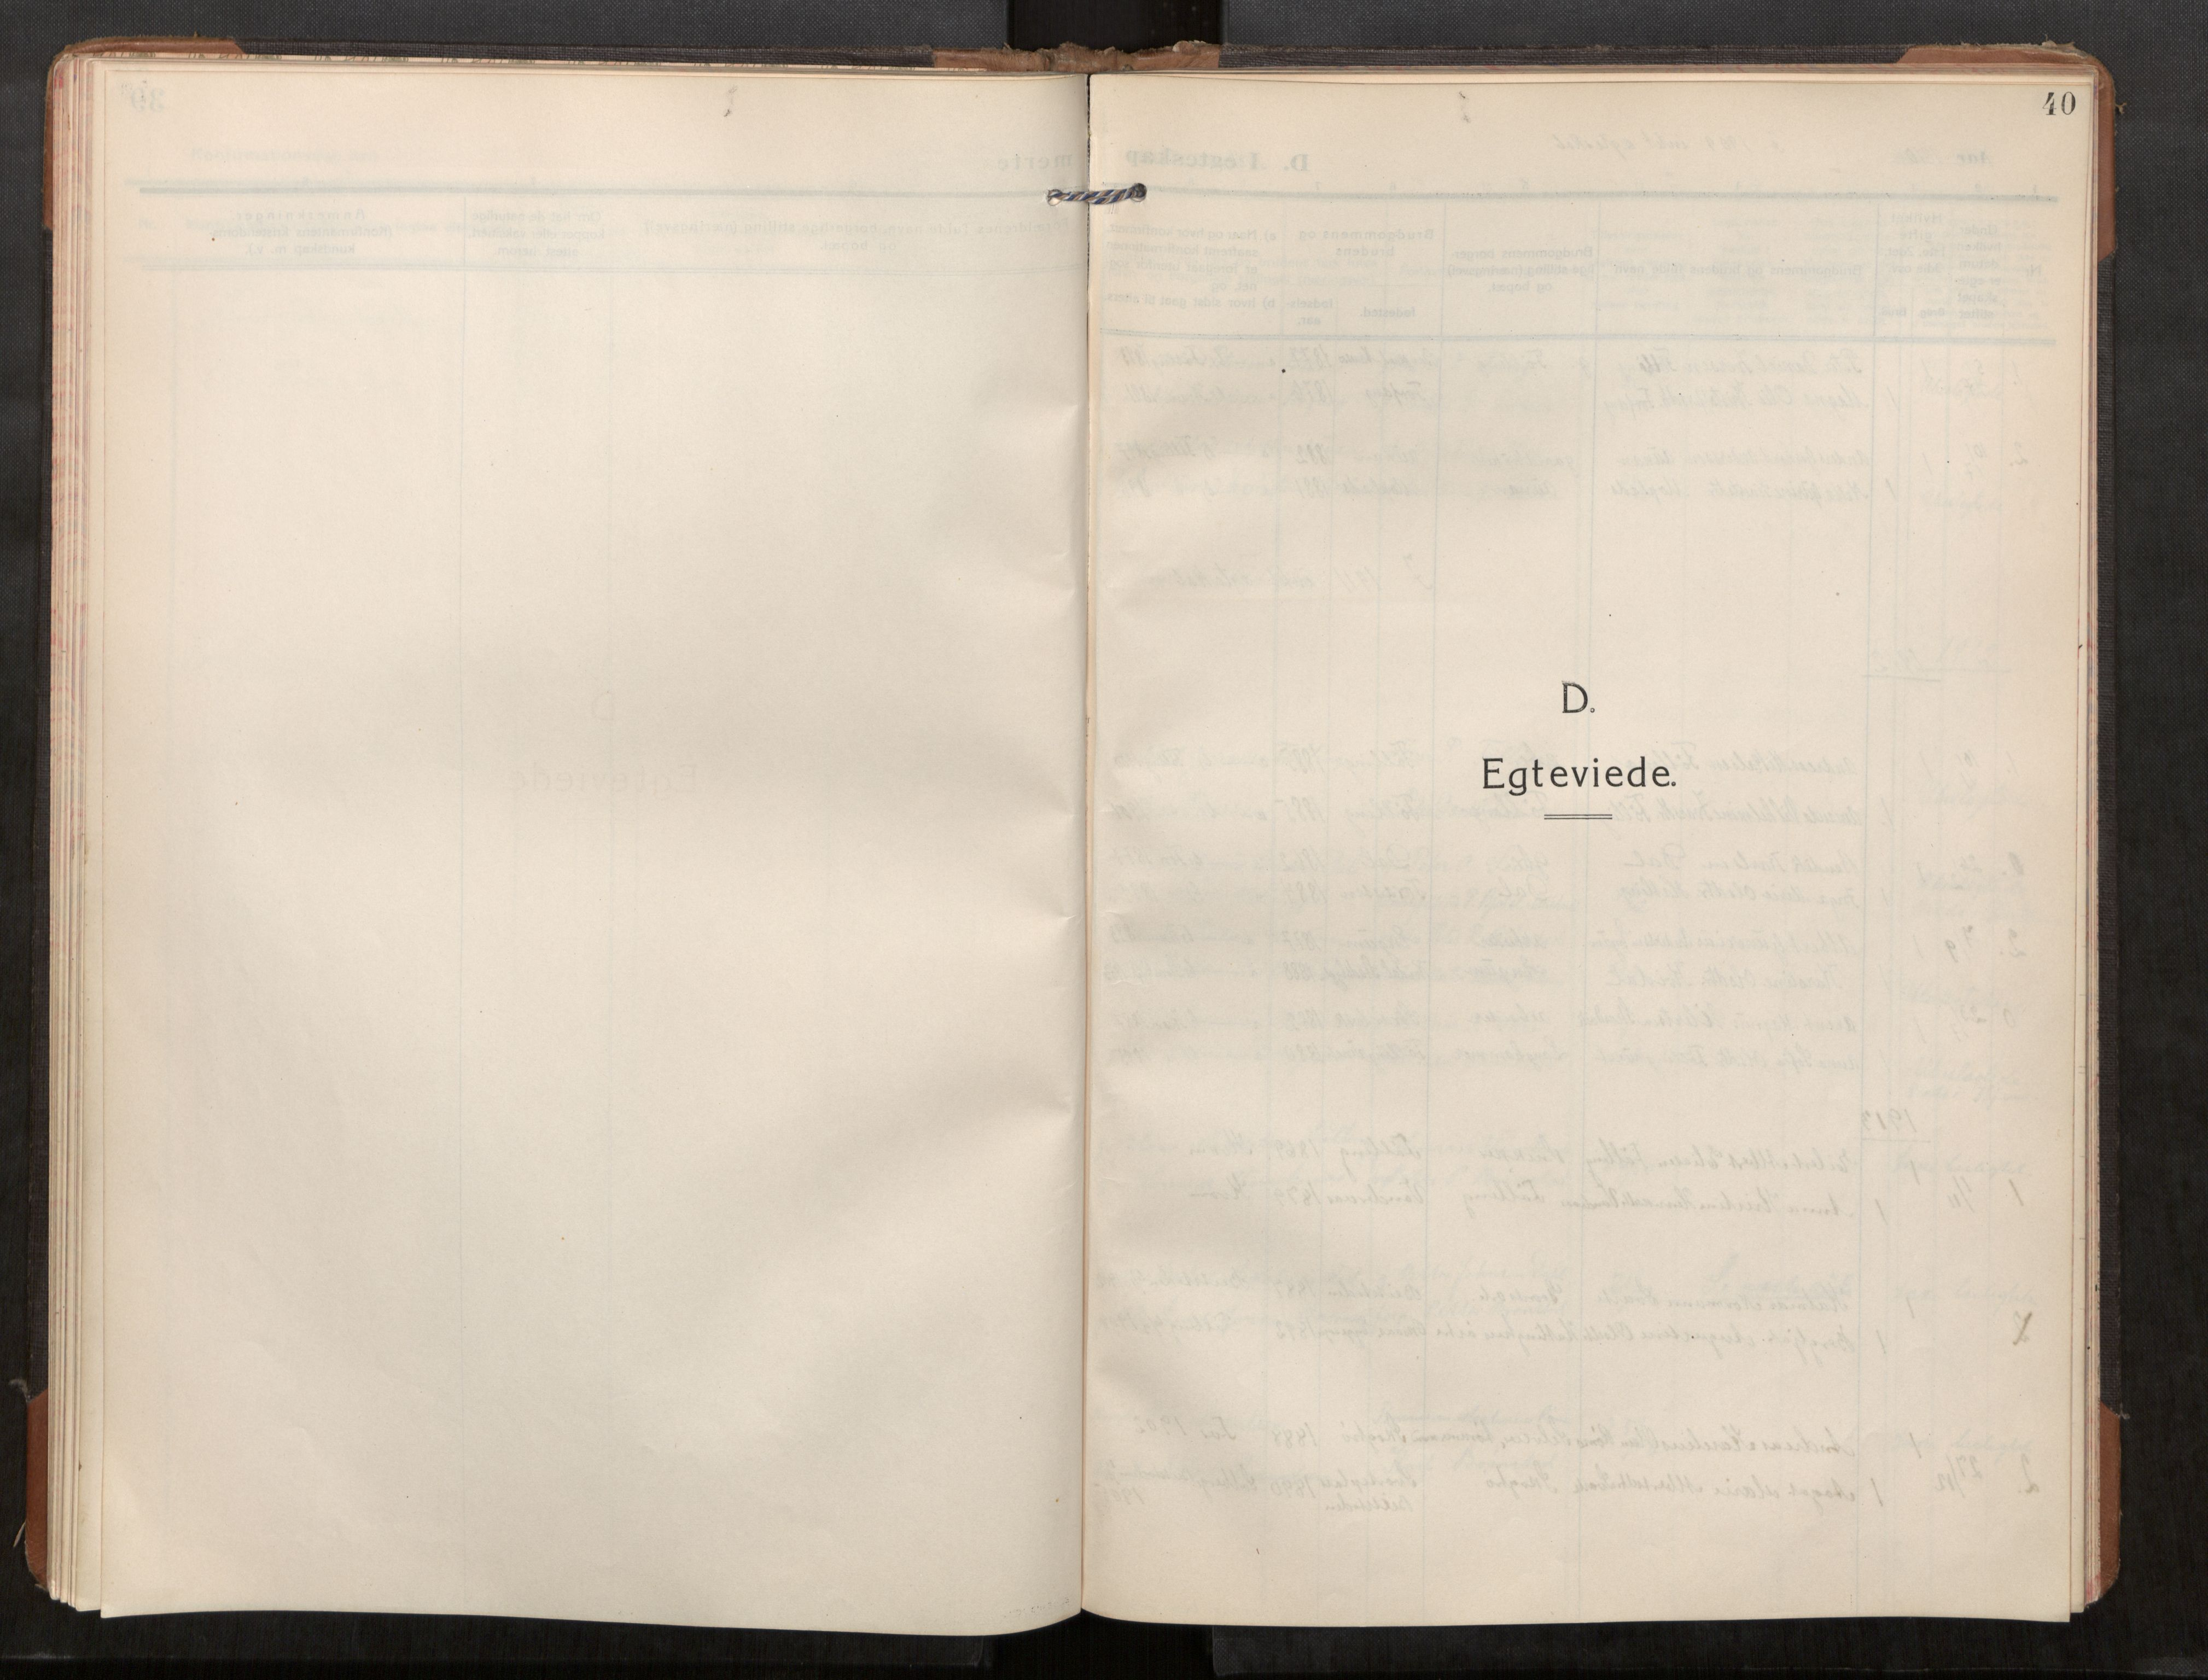 SAT, Stod sokneprestkontor, I/I1/I1a/L0003: Parish register (official) no. 3, 1909-1934, p. 40